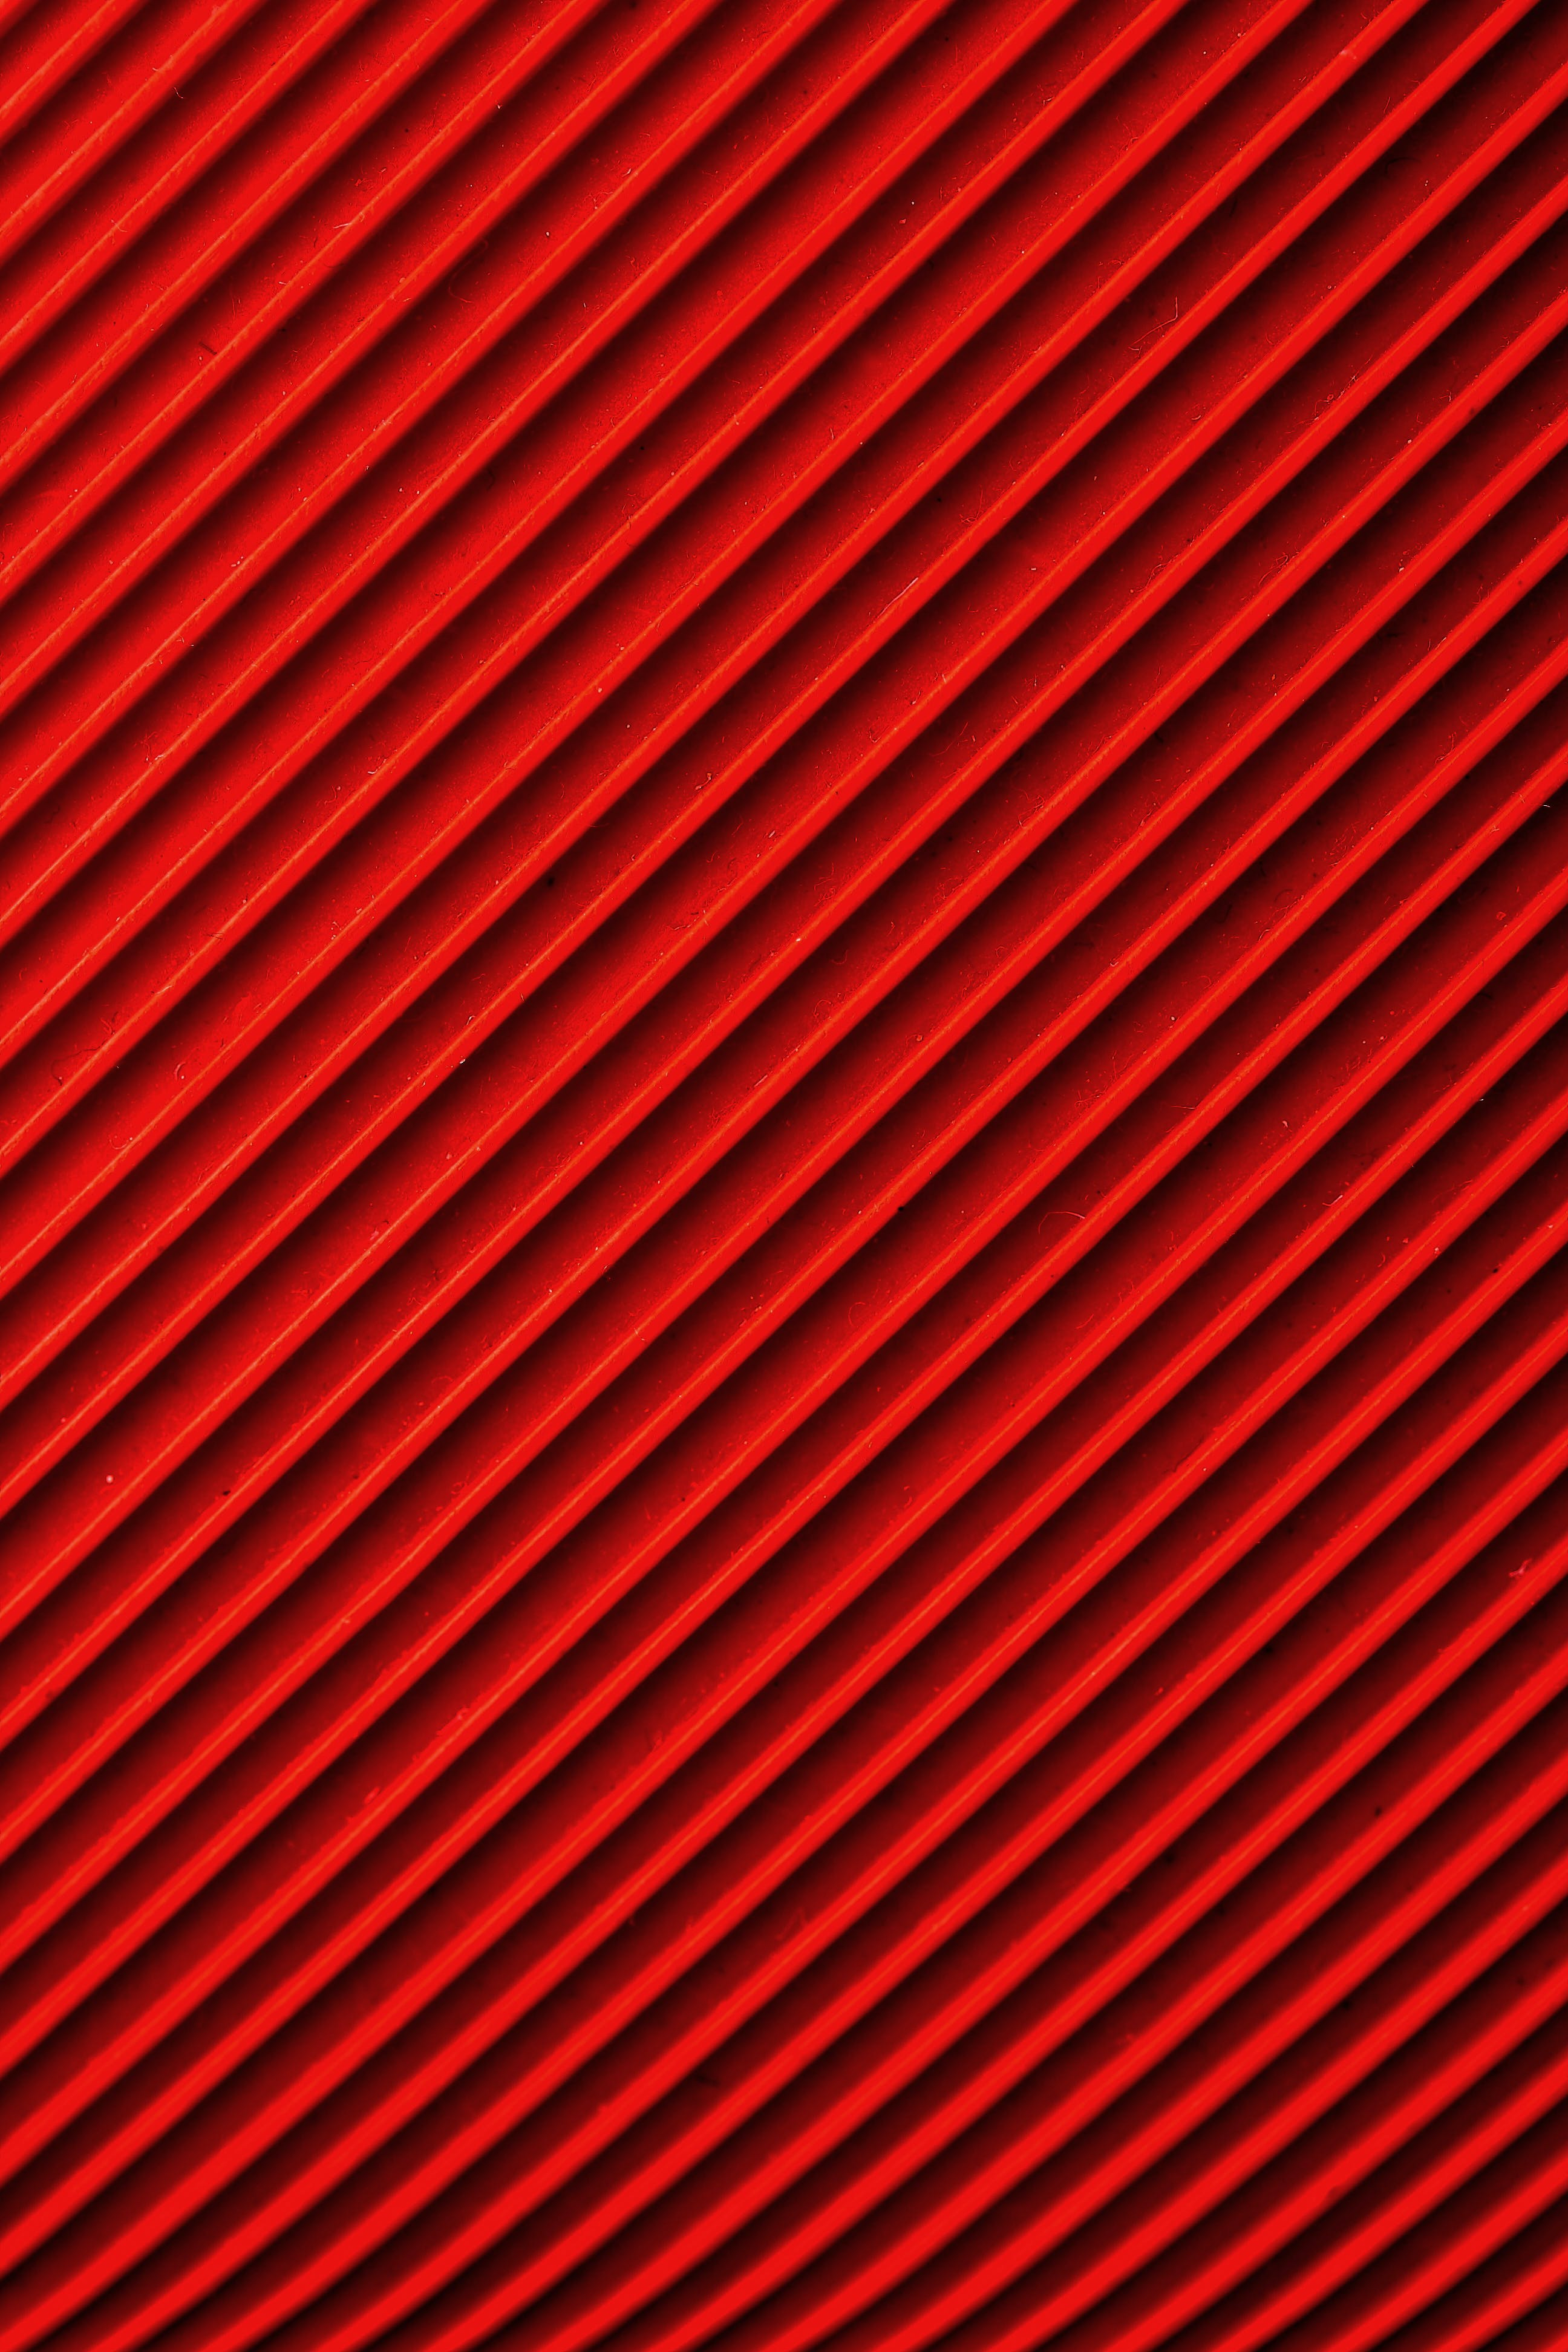 그래픽, 기하학적, 기하학적 패턴, 대각선의의 무료 스톡 사진